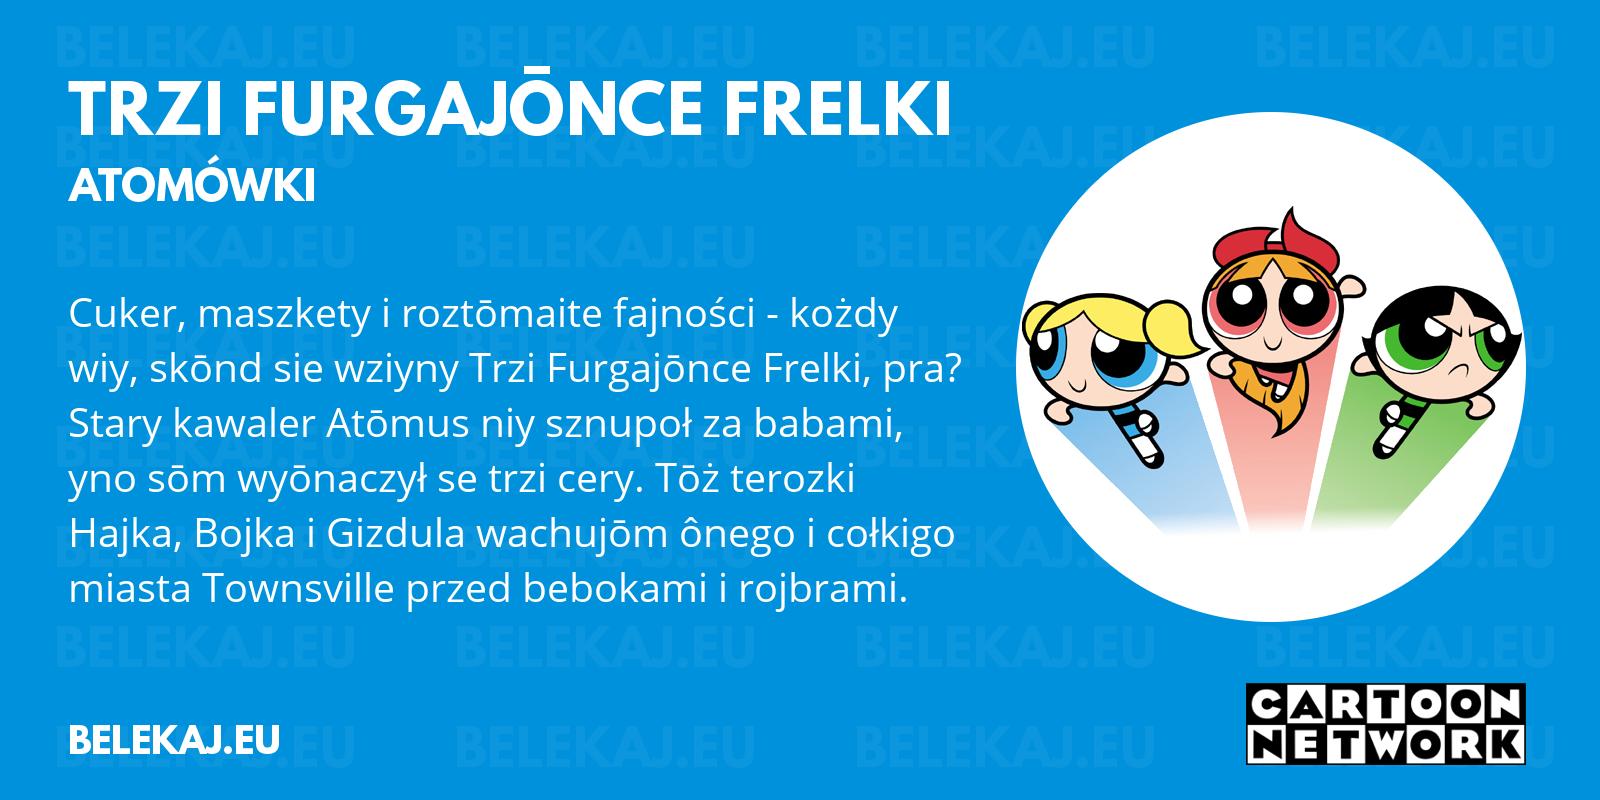 Atomówki, Cartoon Network po śląsku - blog bele kaj